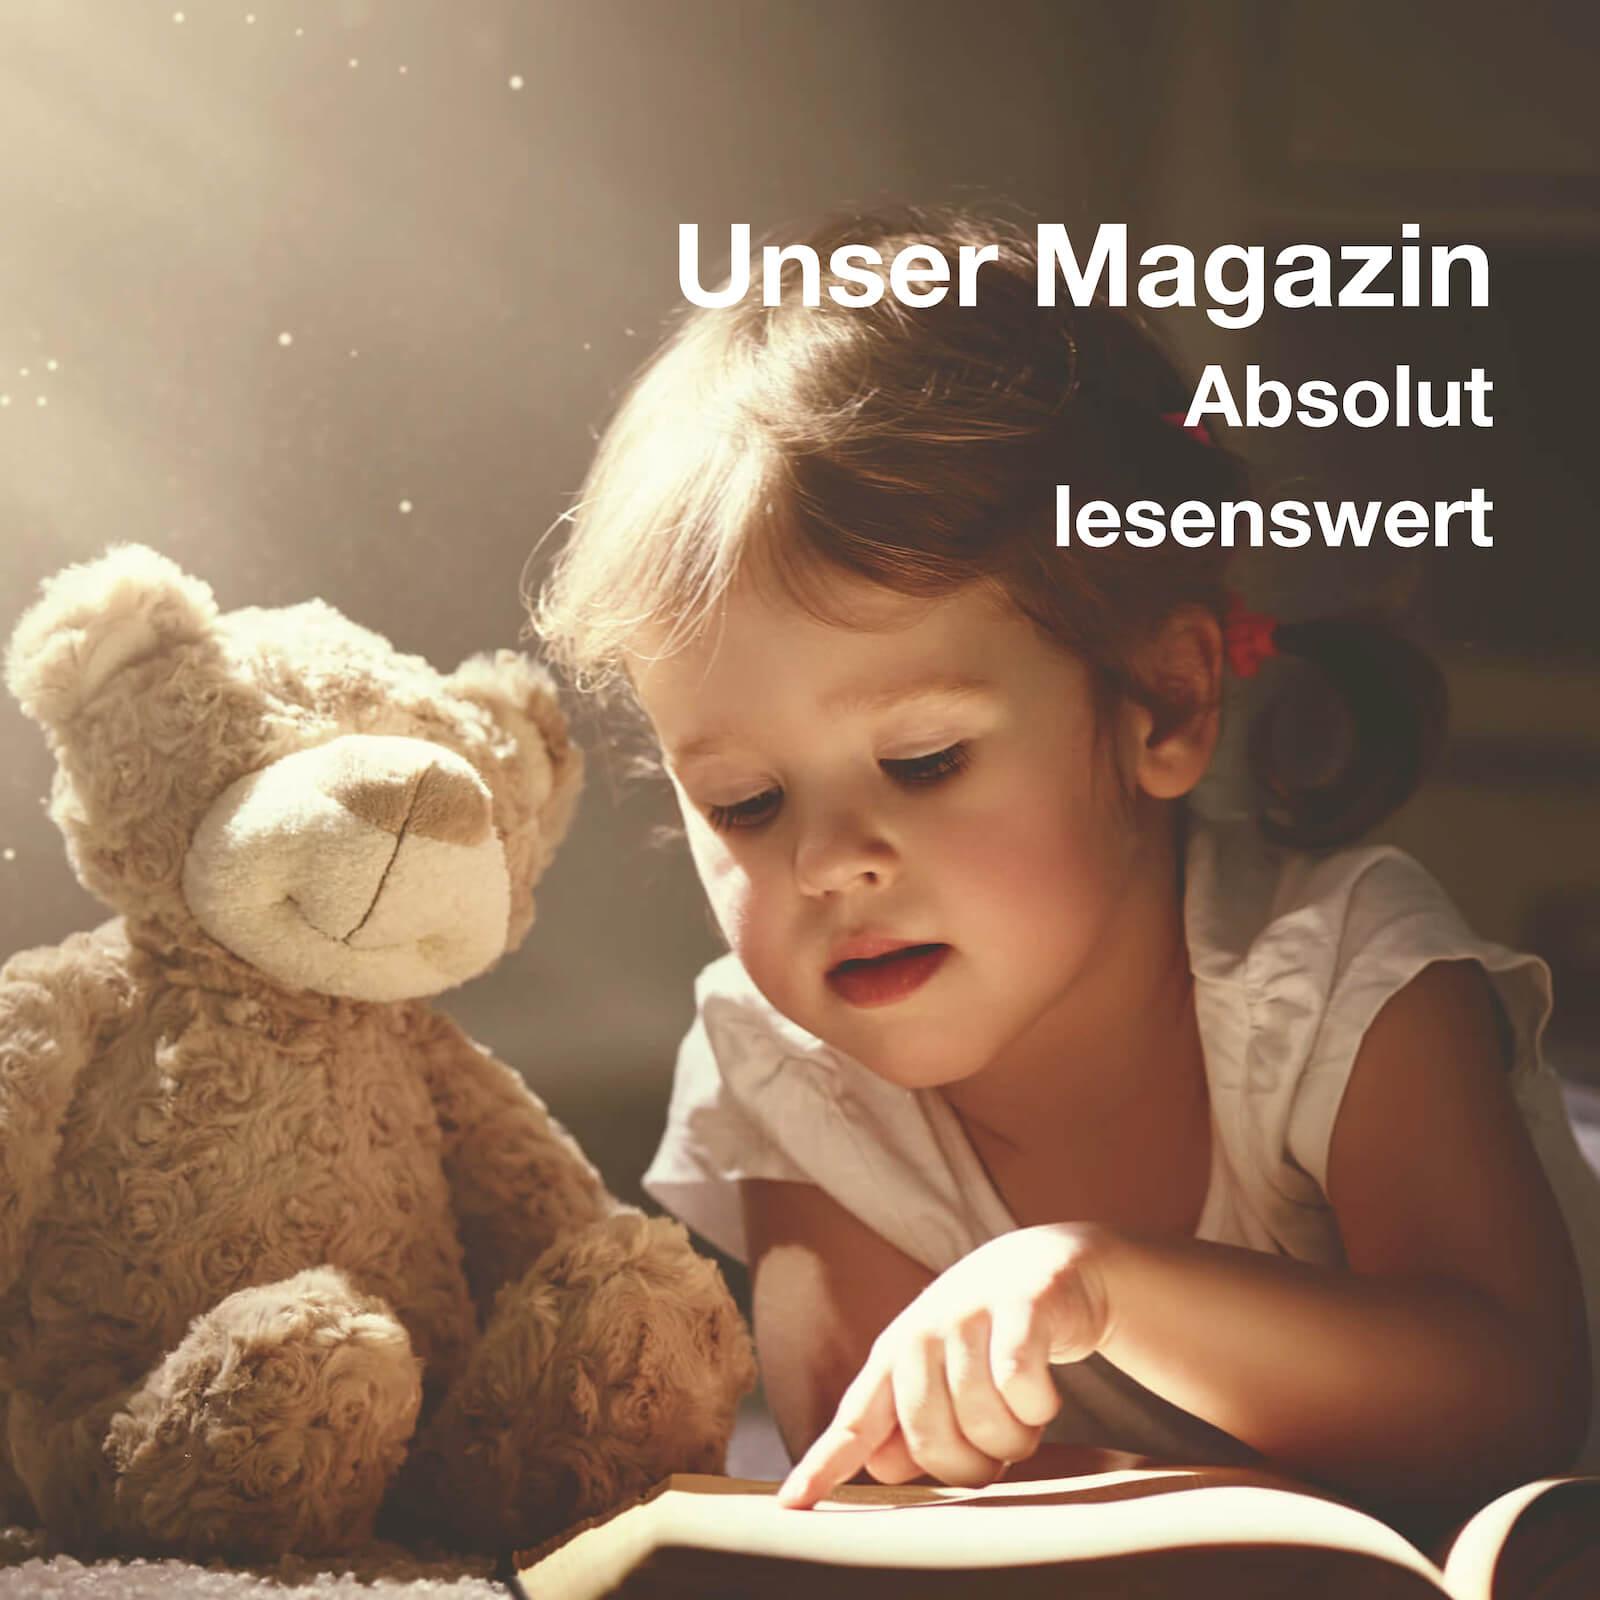 Unser Magazin mit Ratschlägen und Tipps für Nannies und Hauspersonal.